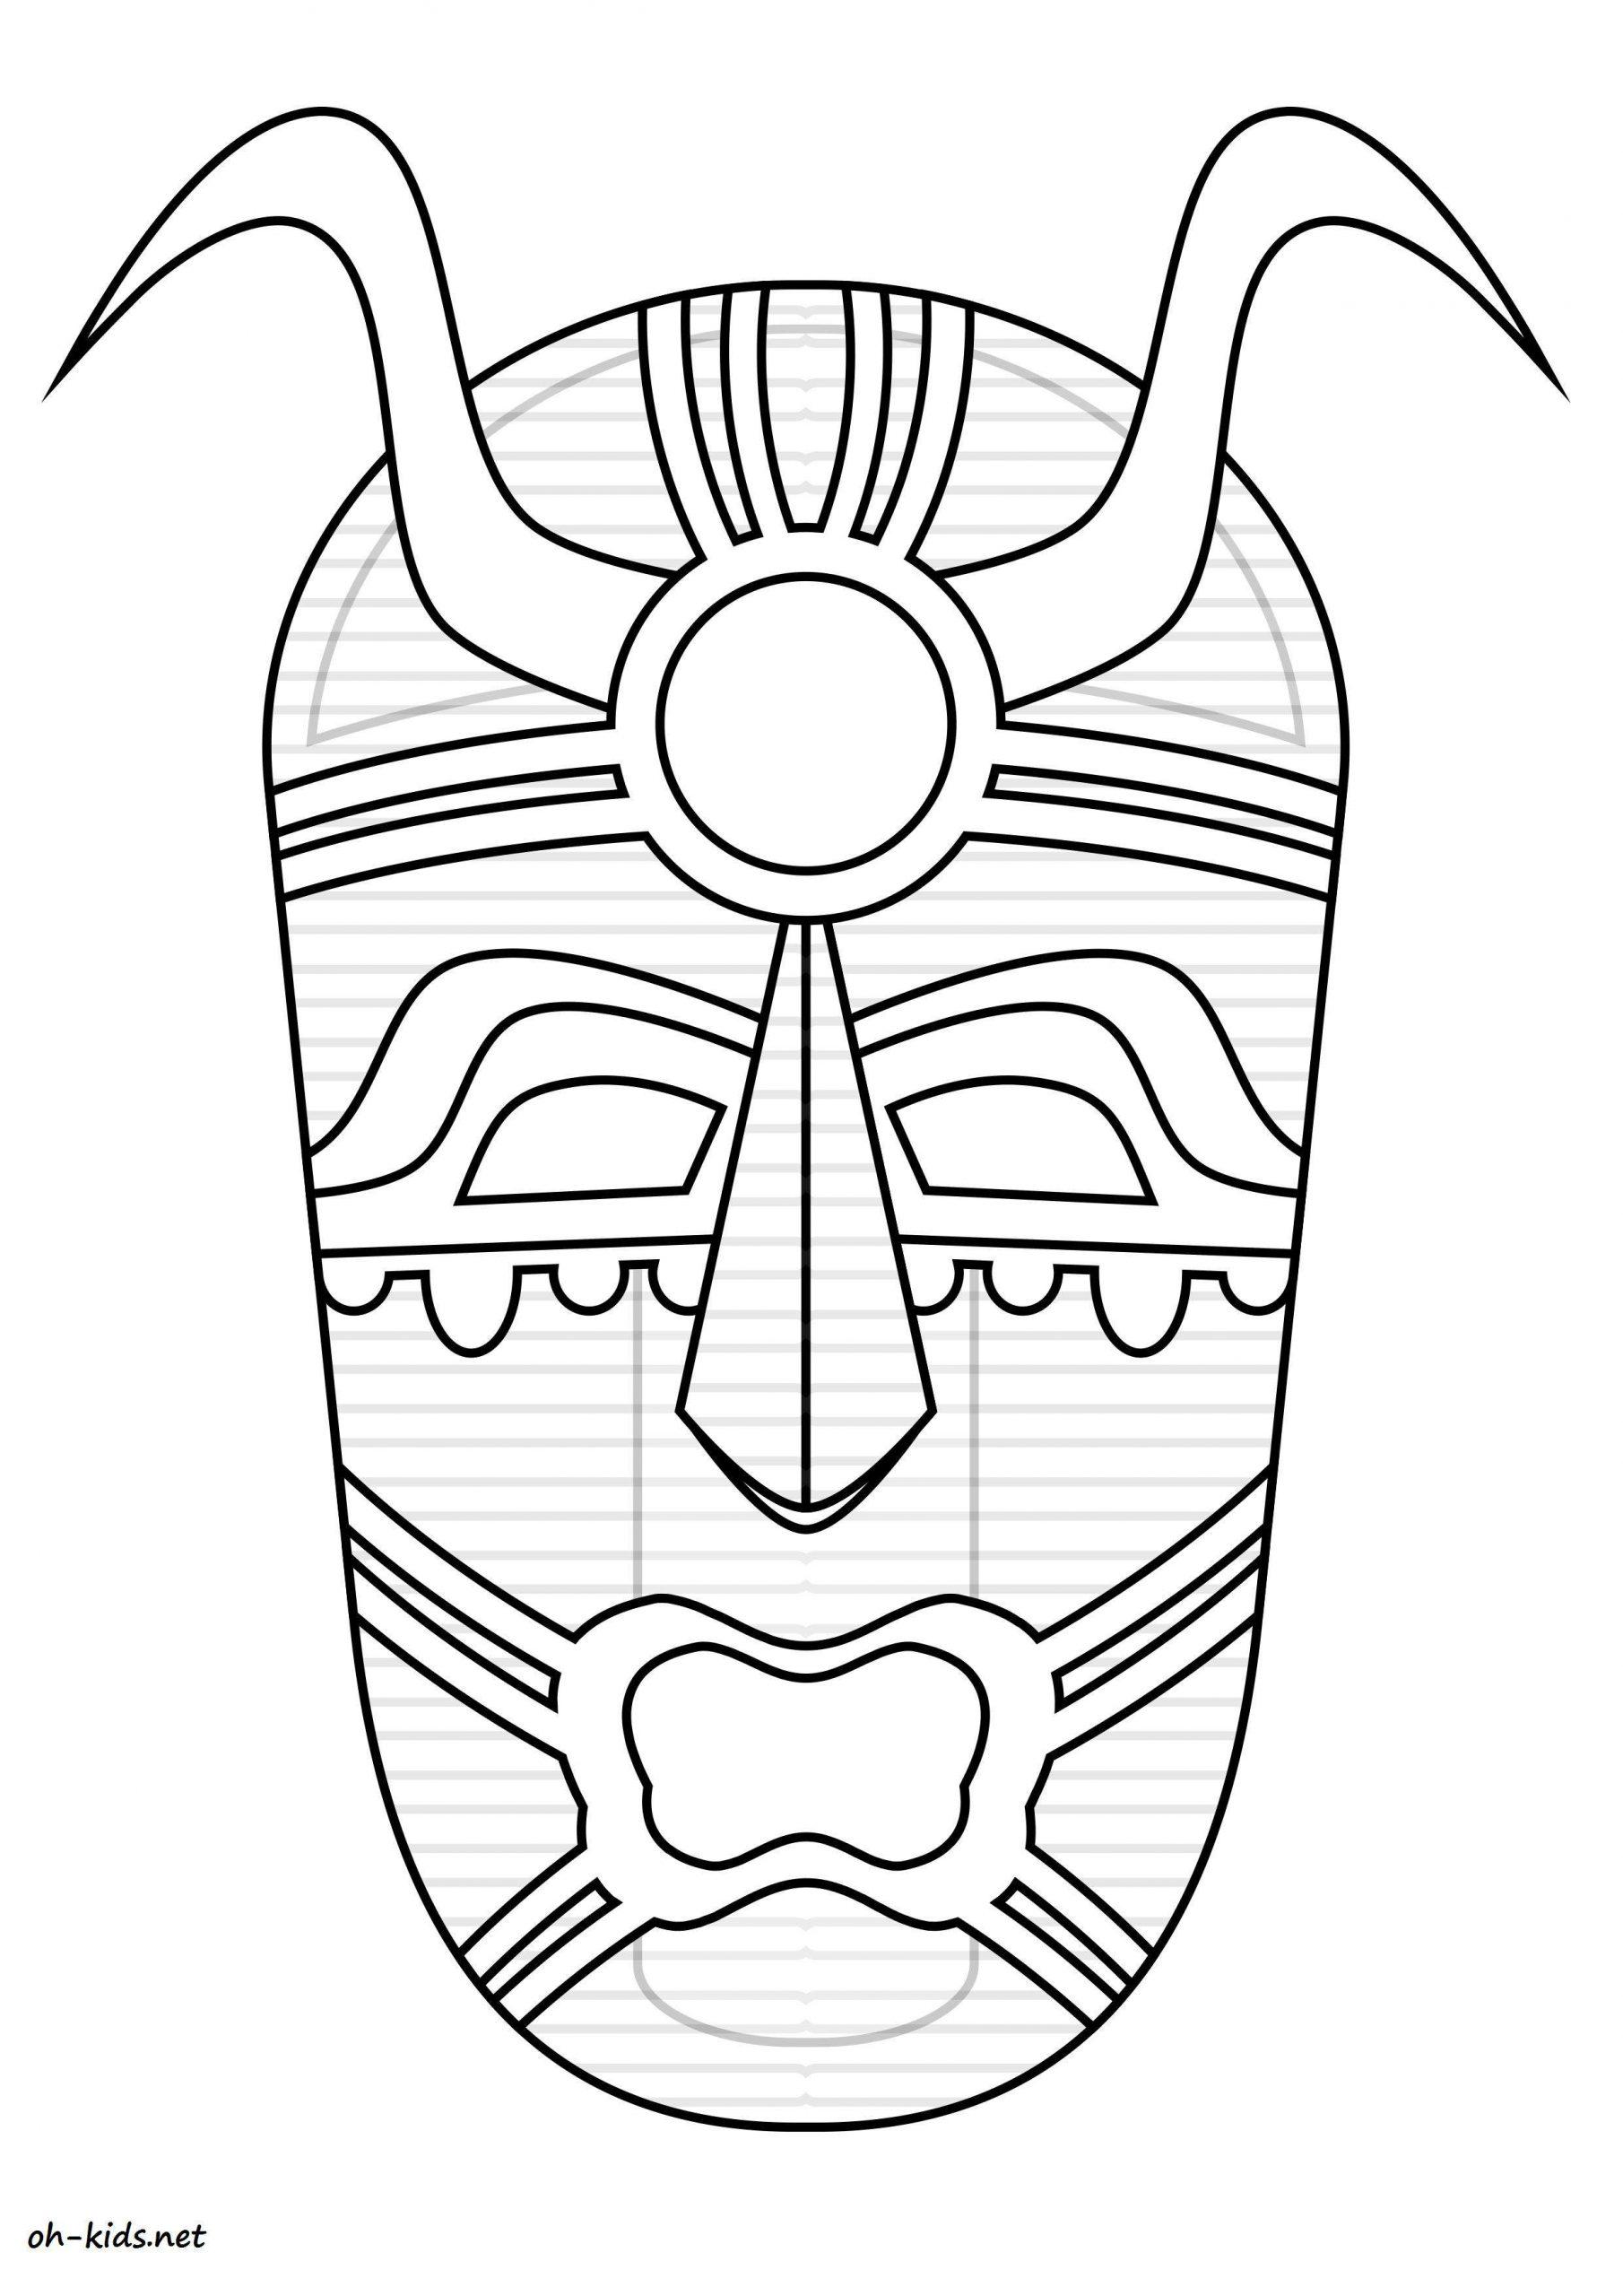 Dessin #693 - Coloriage Masque Afrique À Imprimer - Oh-Kids destiné Dessin Africain A Colorier